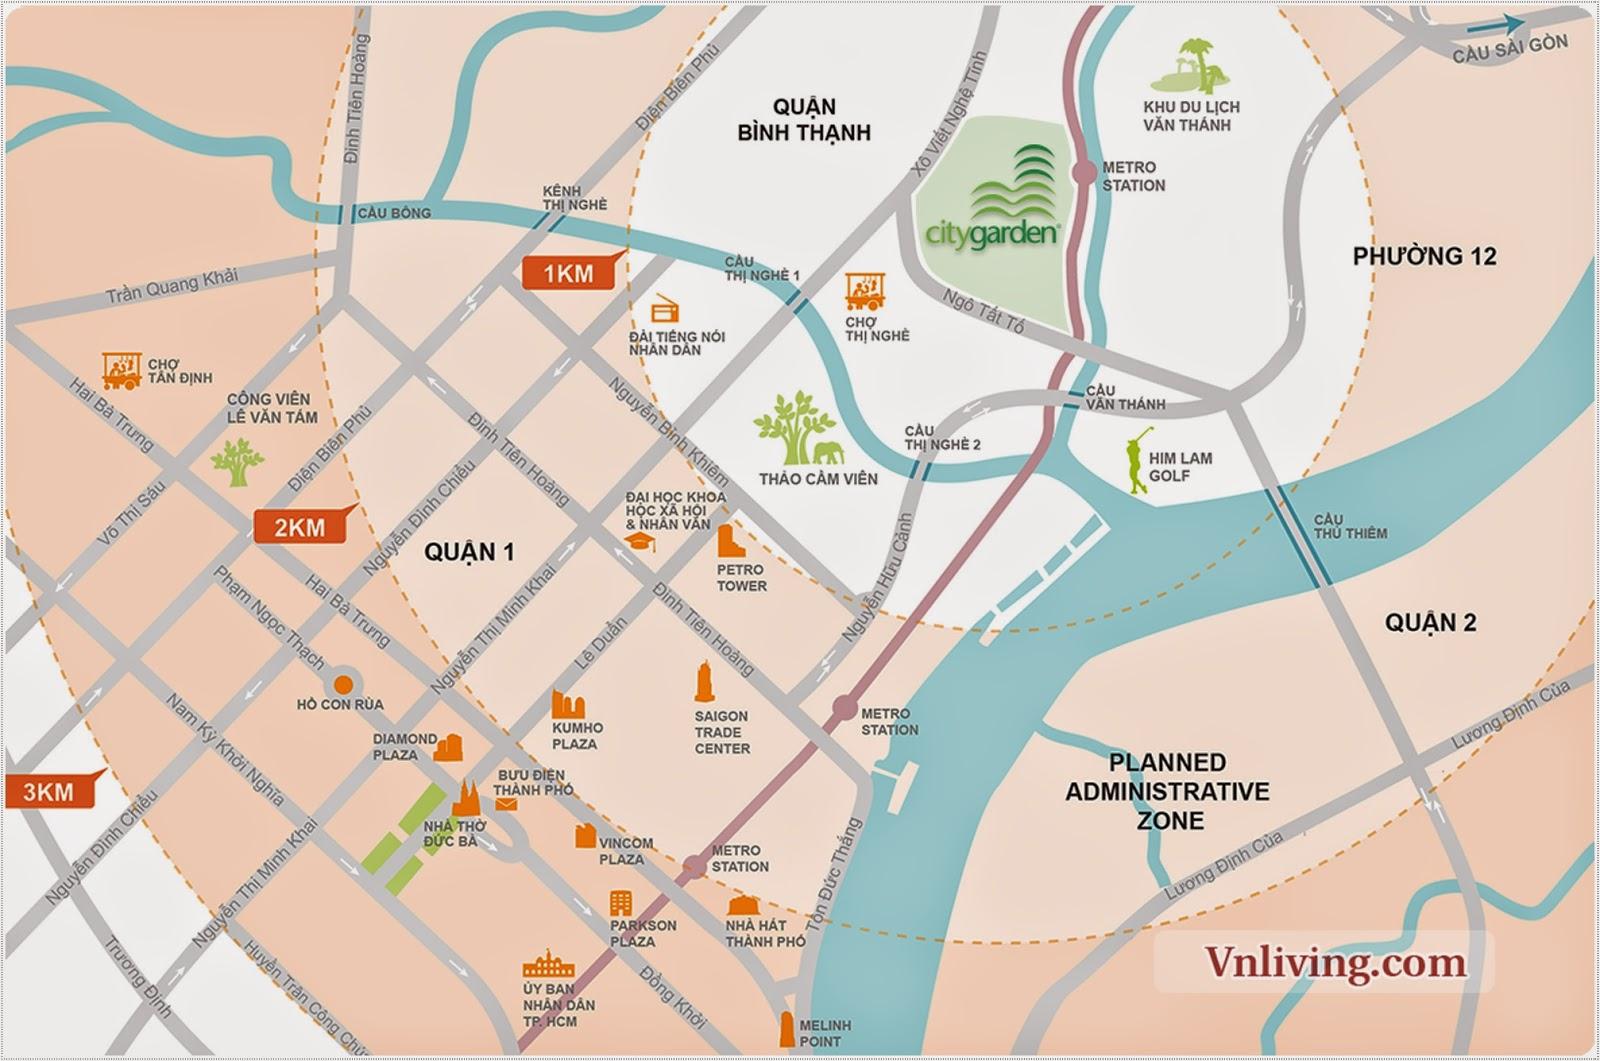 Bản đồ vị trí của City Garden